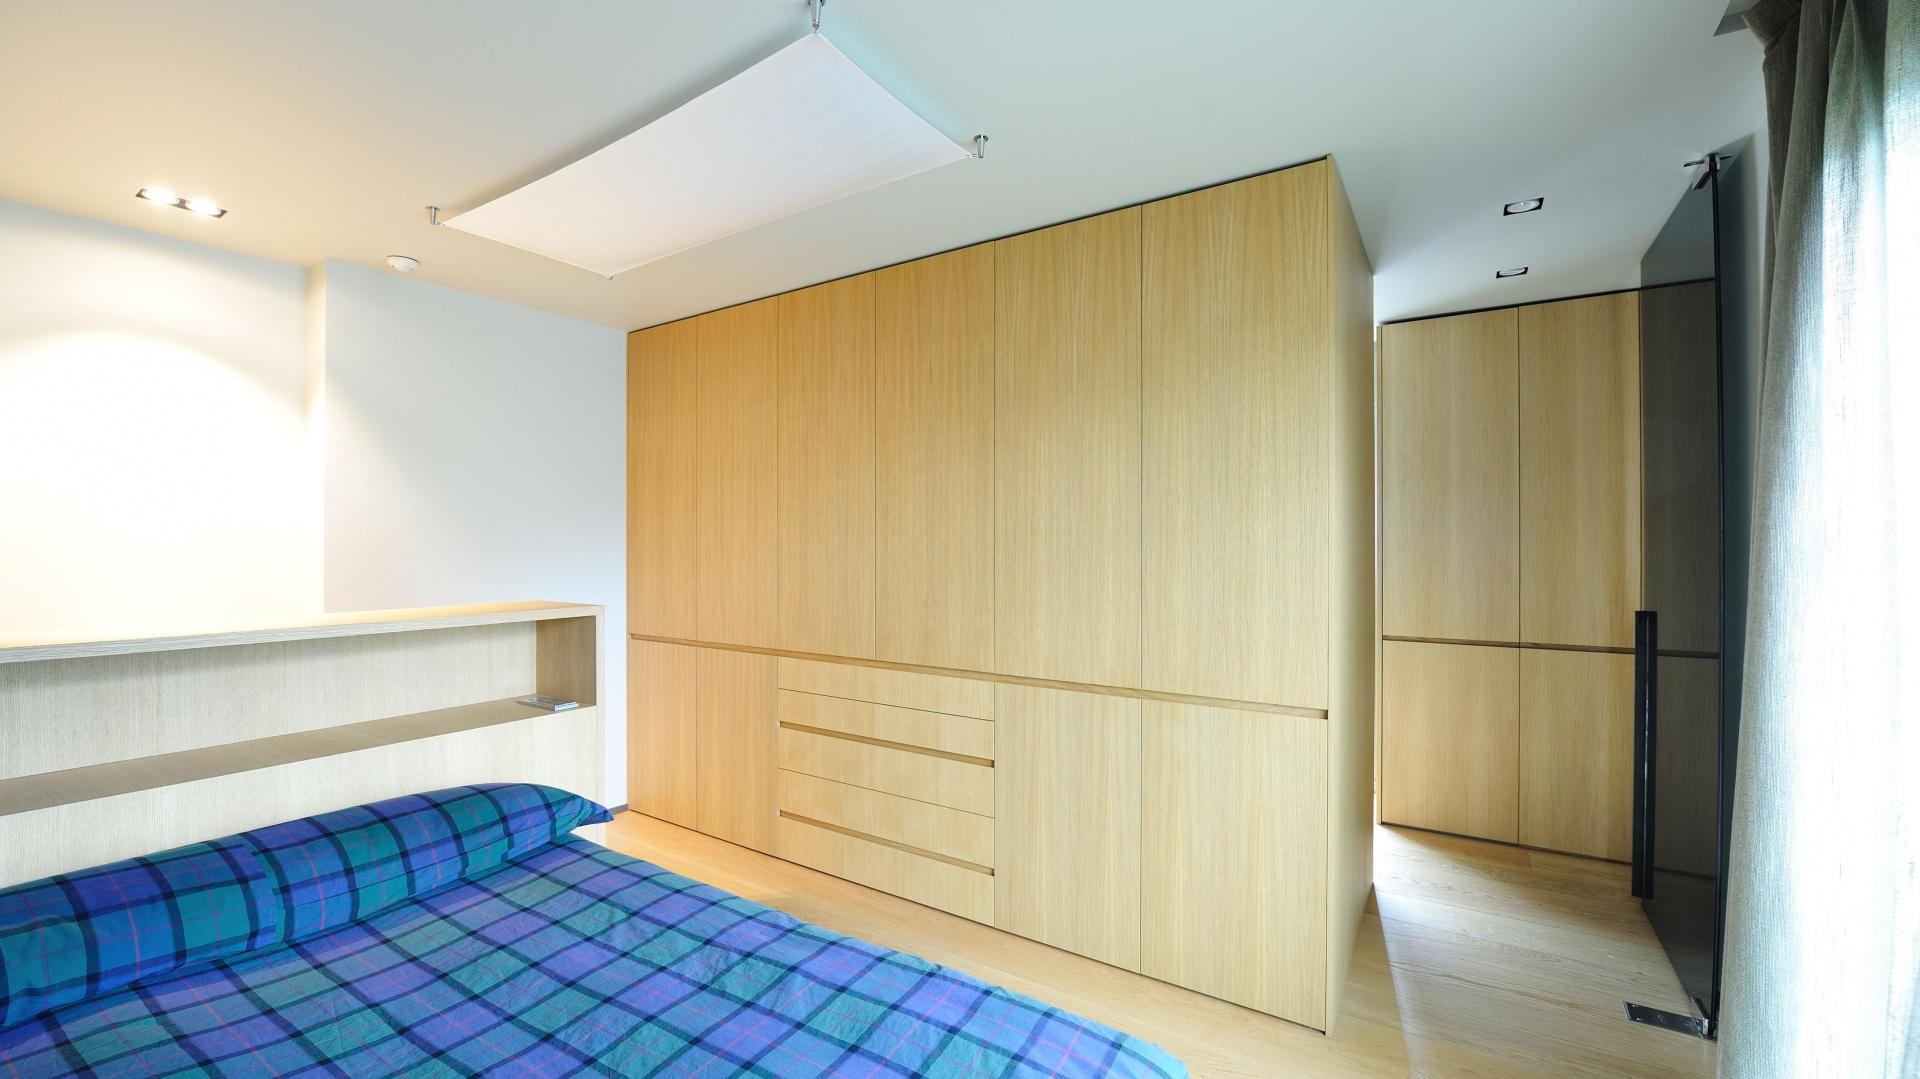 Pojemne szafy pełnią funkcję elementów działowych, zaznaczających poszczególne pomieszczenia. Projekt: Coblonal Arquitectura. Fot. Coblonal Arquitectura.